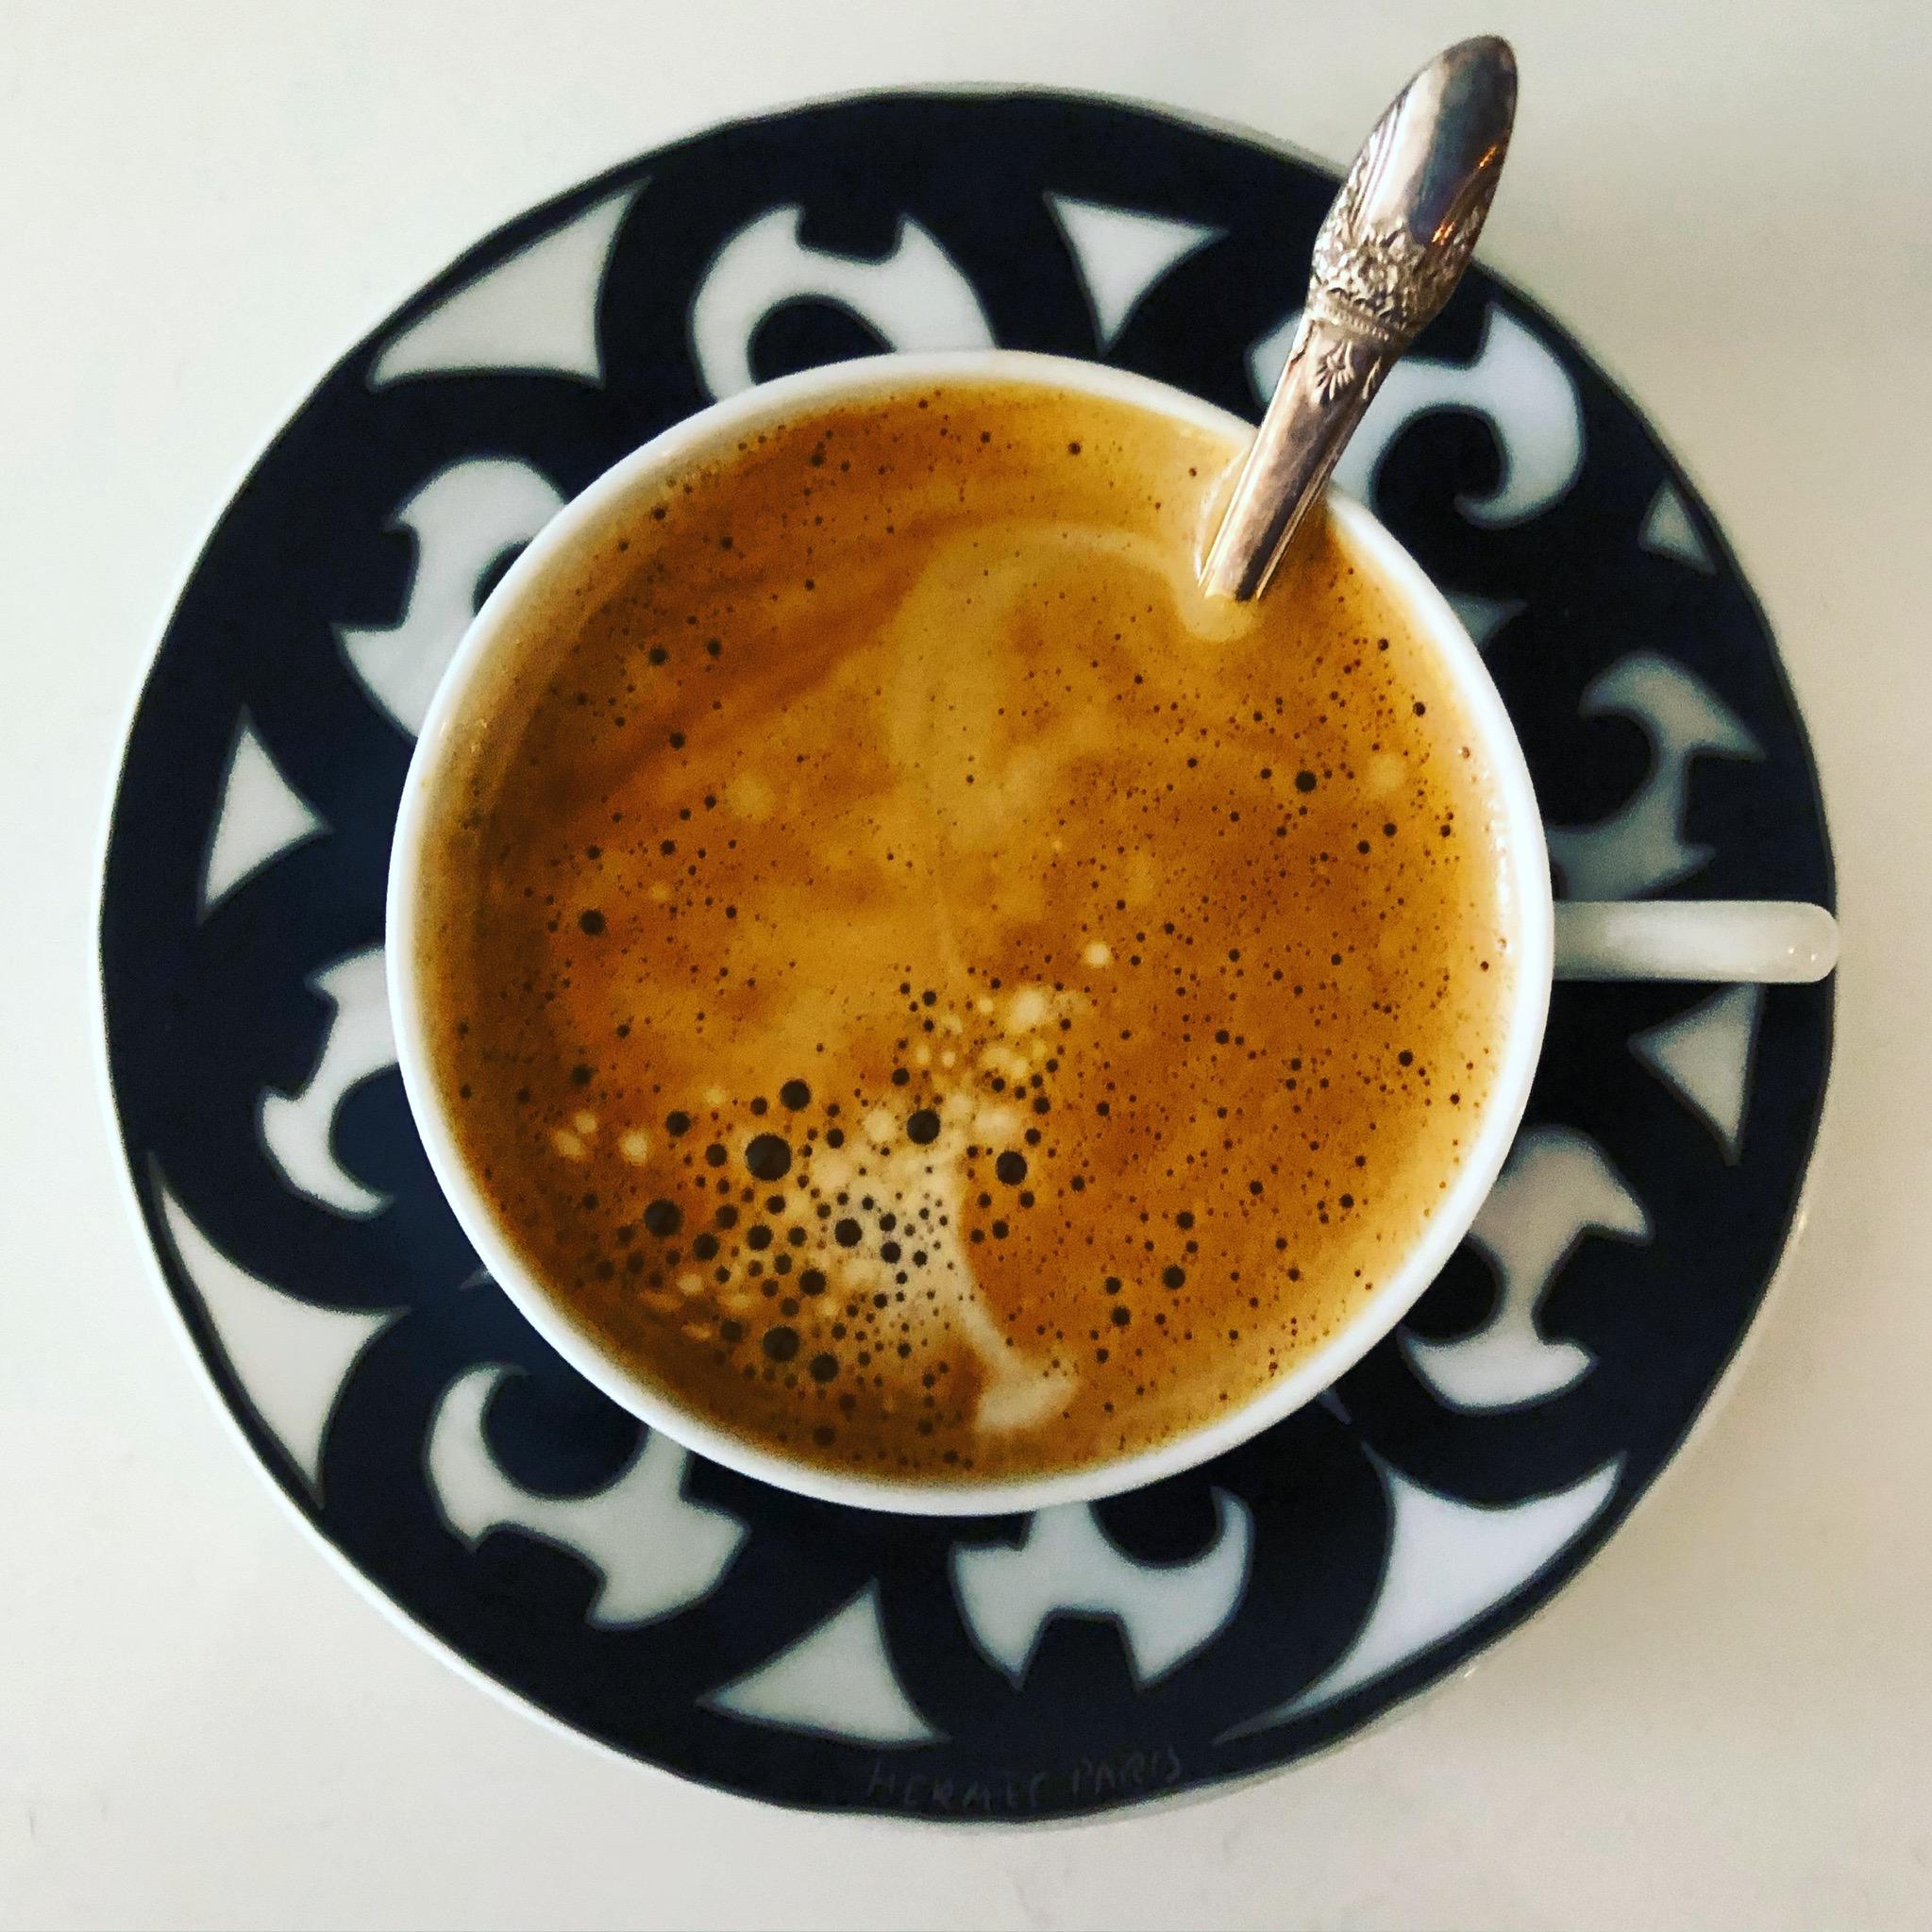 HERMÈS COFFEE